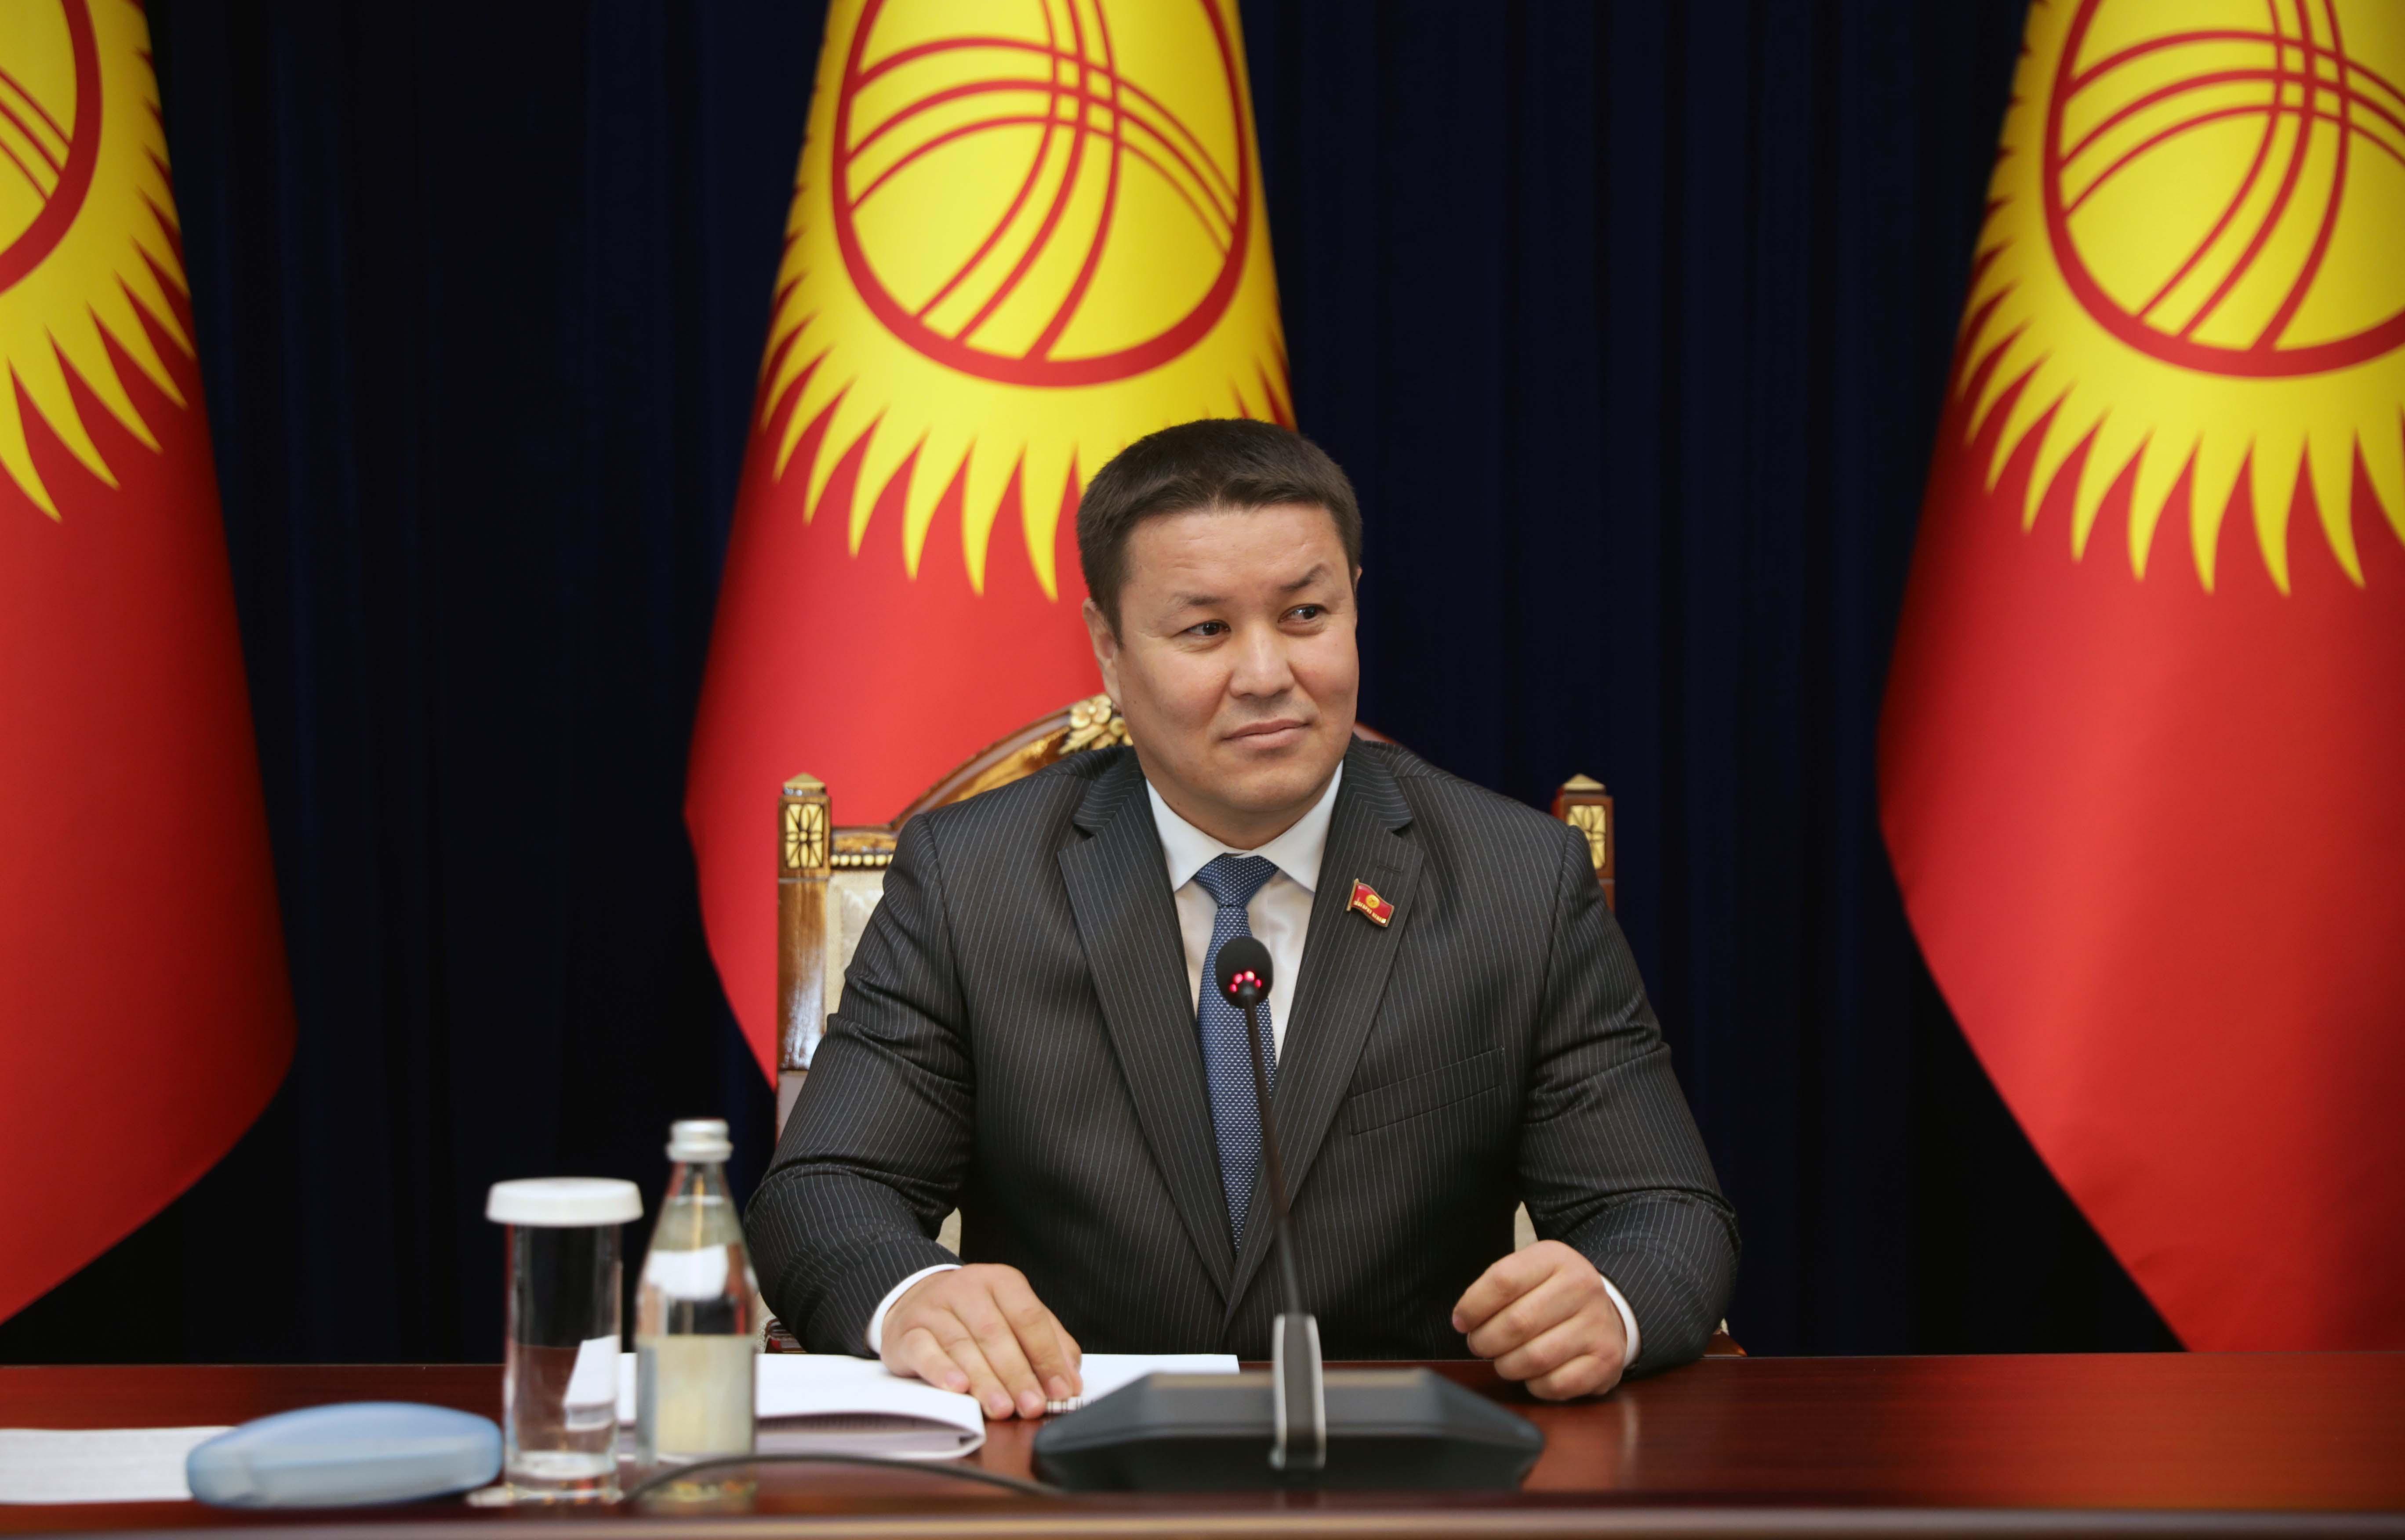 Secretary General Congratulates Speaker of Kyrgyzstan